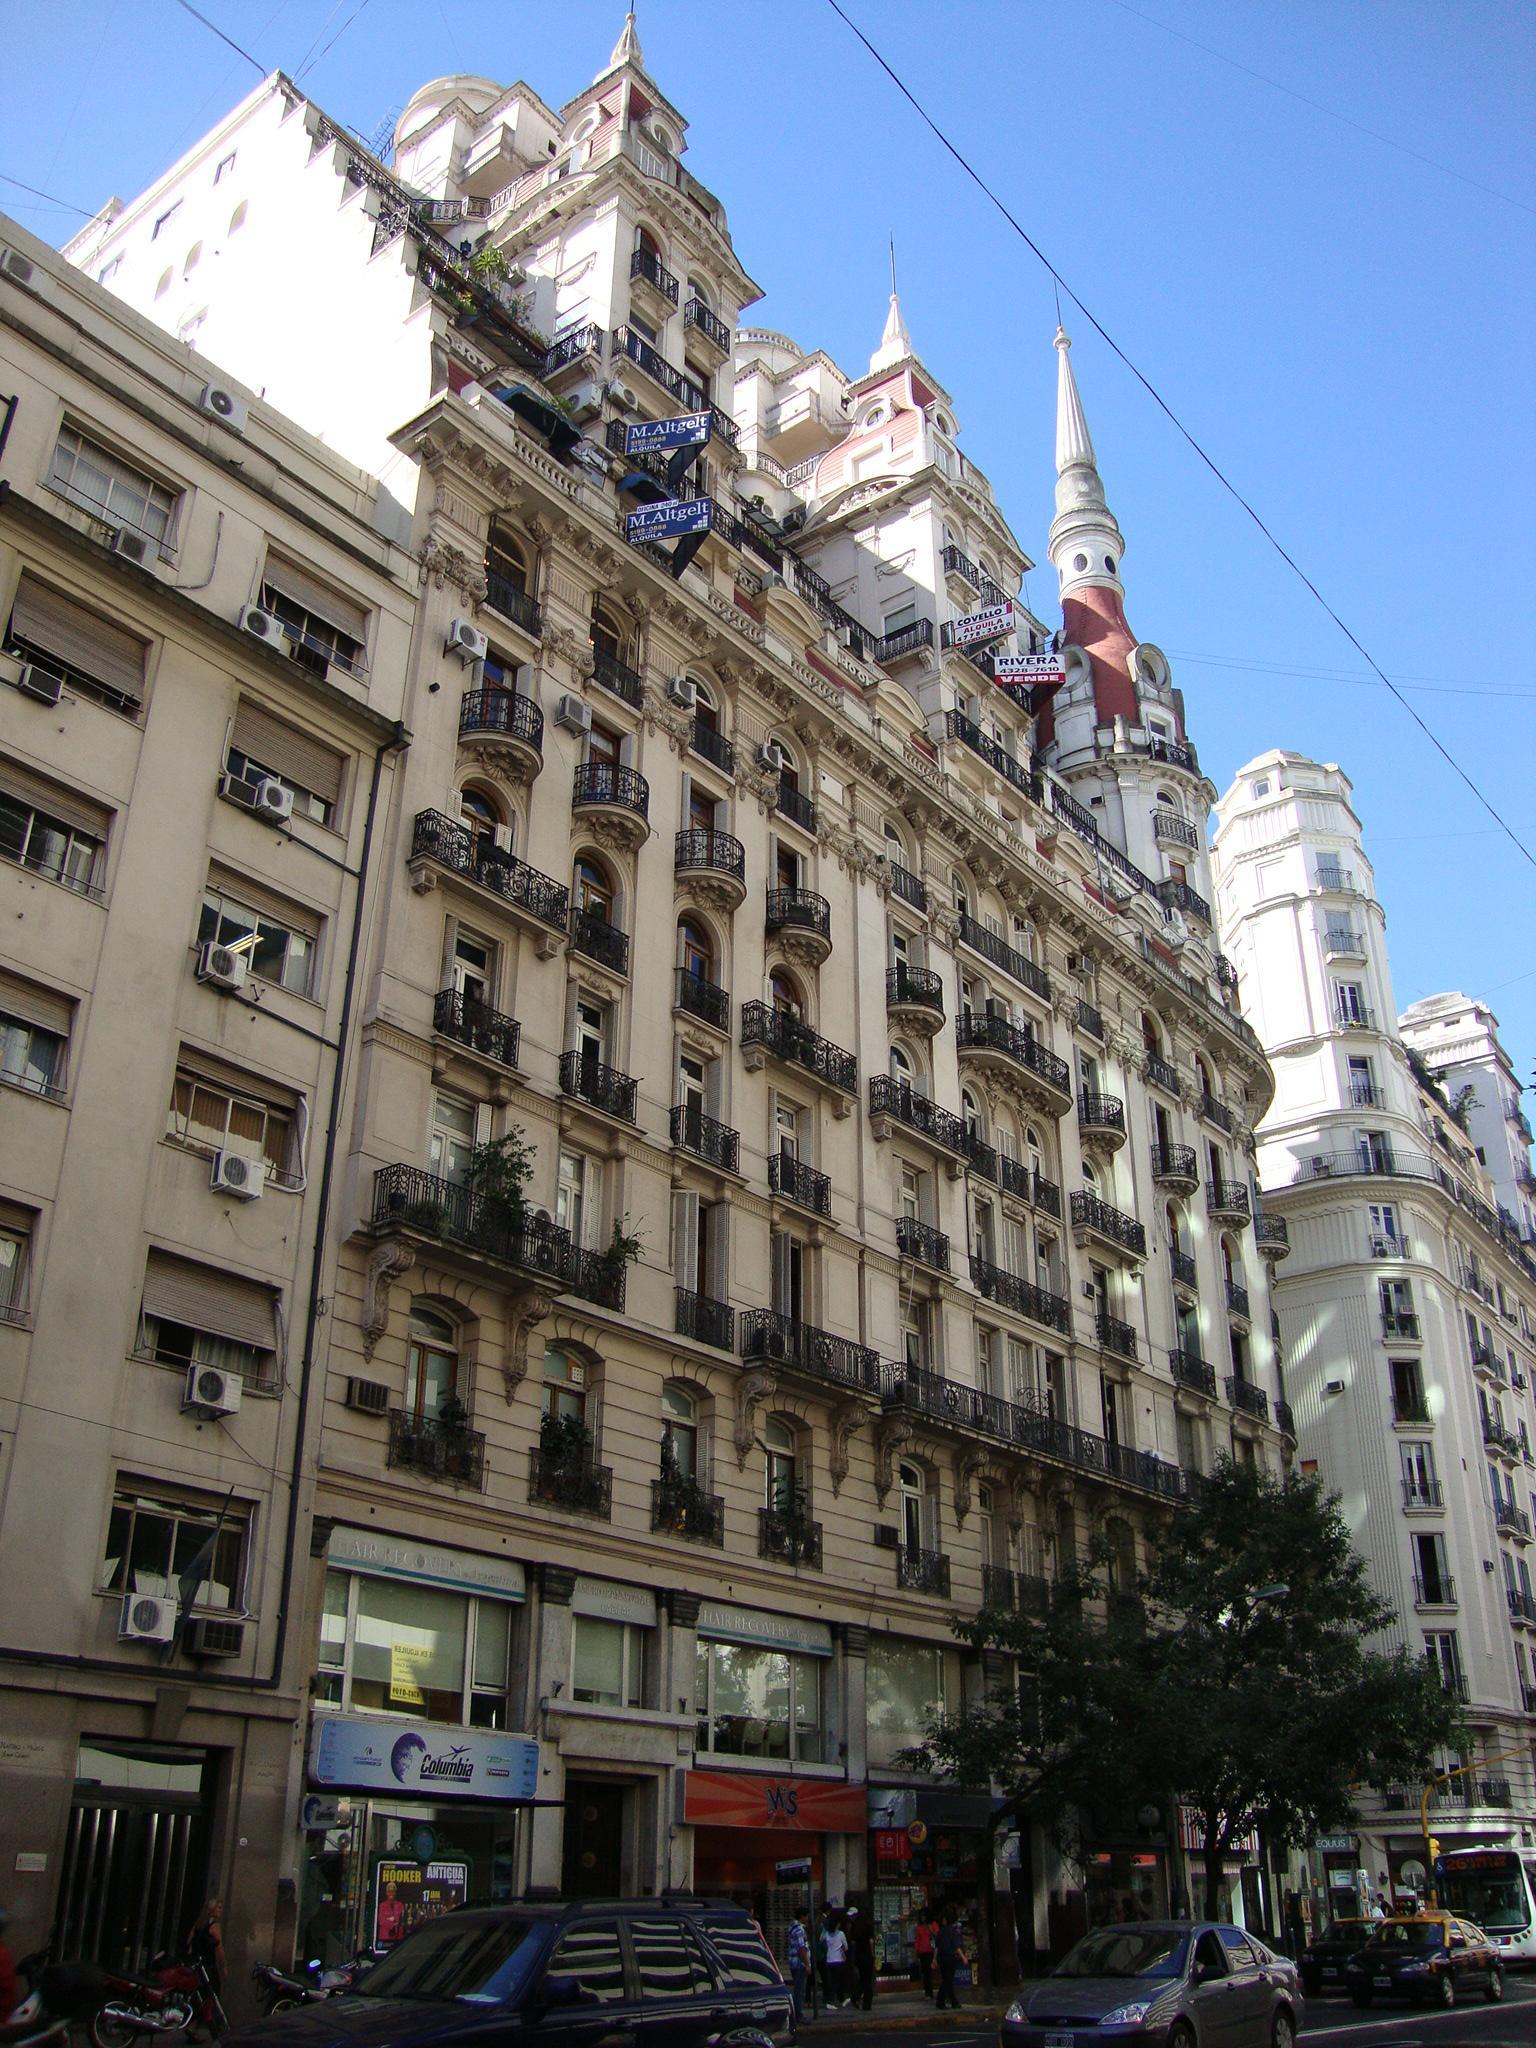 Edificio de departamentos creado por la constructora Bencich Hermanos en 1927. En uno de esos apartamentos vivió Storni.